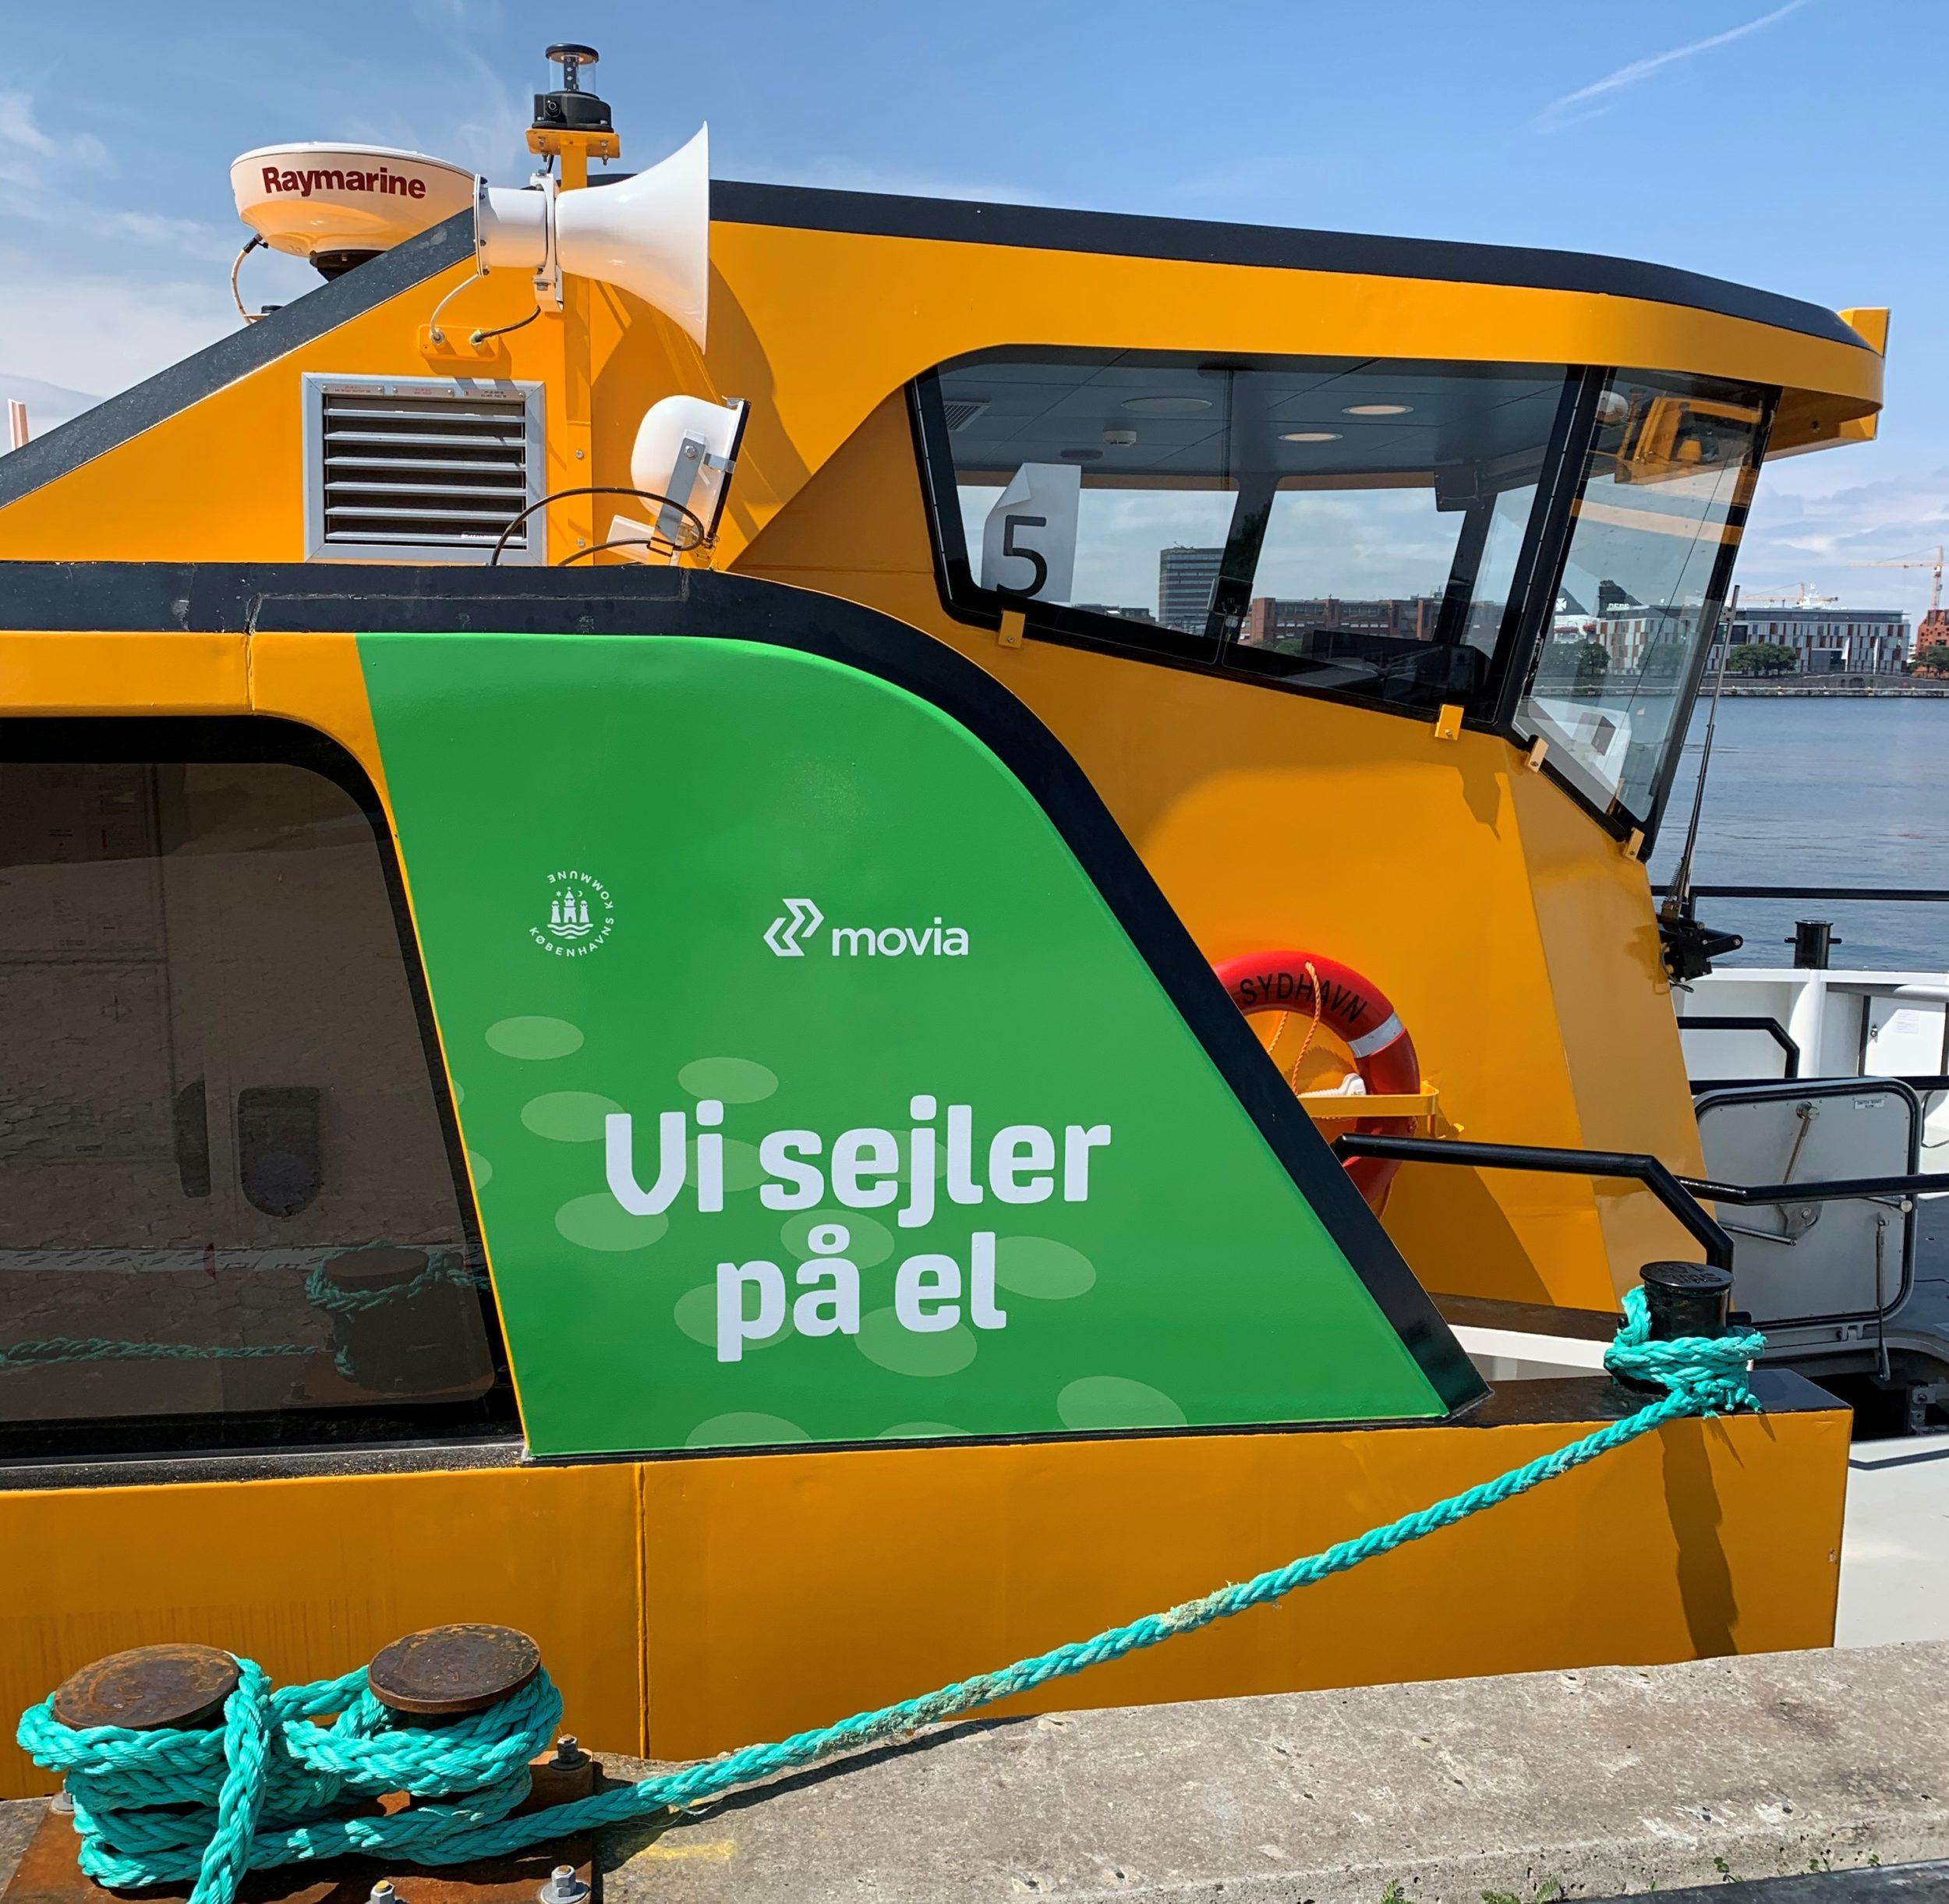 Nu tager Københavns første elhavnebusser passagerer med ombord